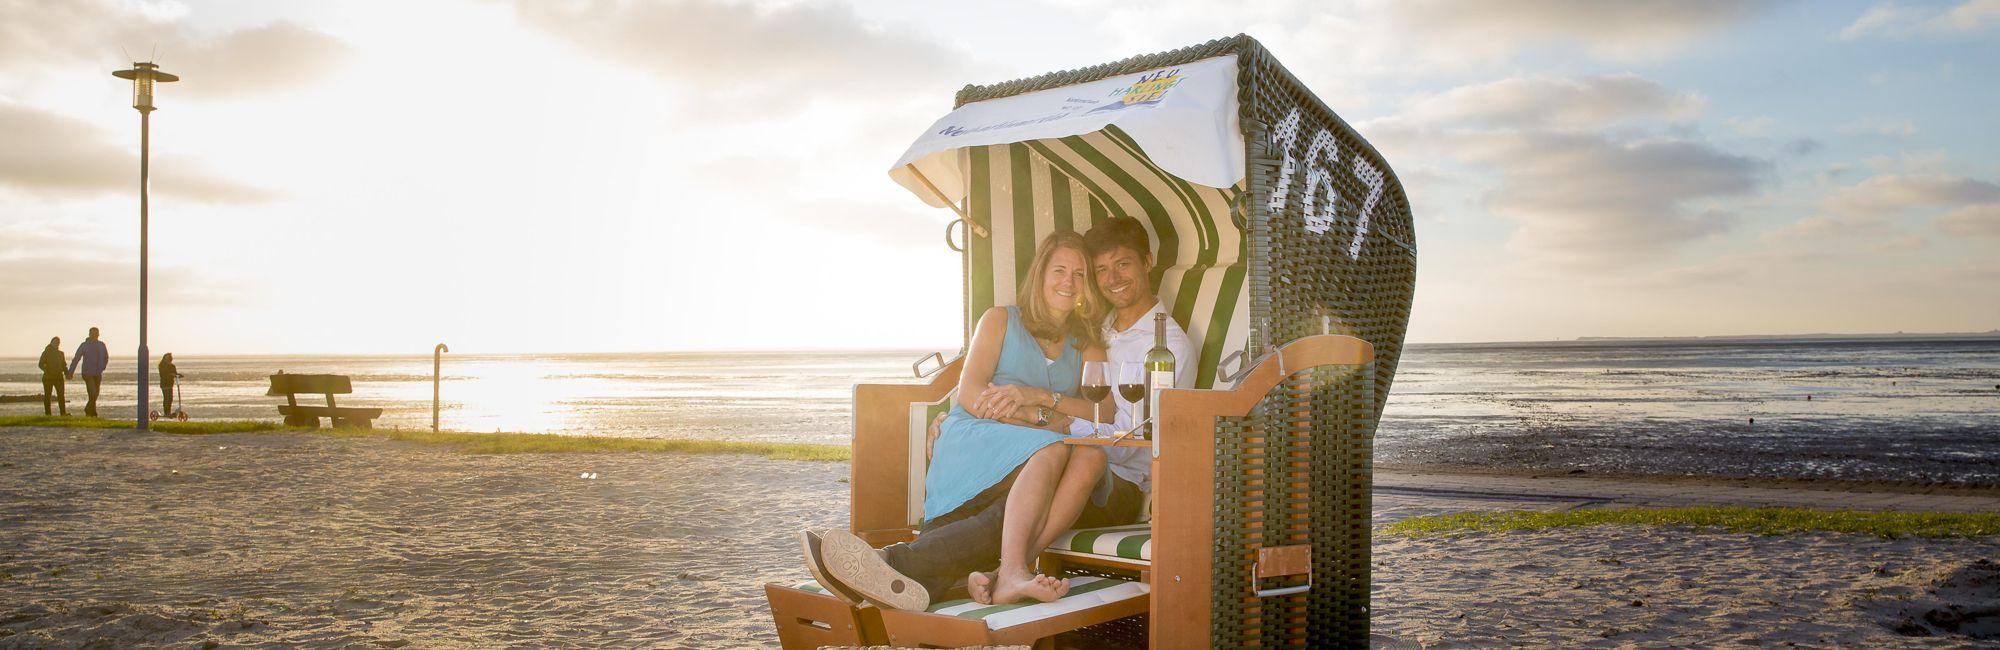 Arrangements und Pauschalen für den Nordseeurlaub in Ostfriesland